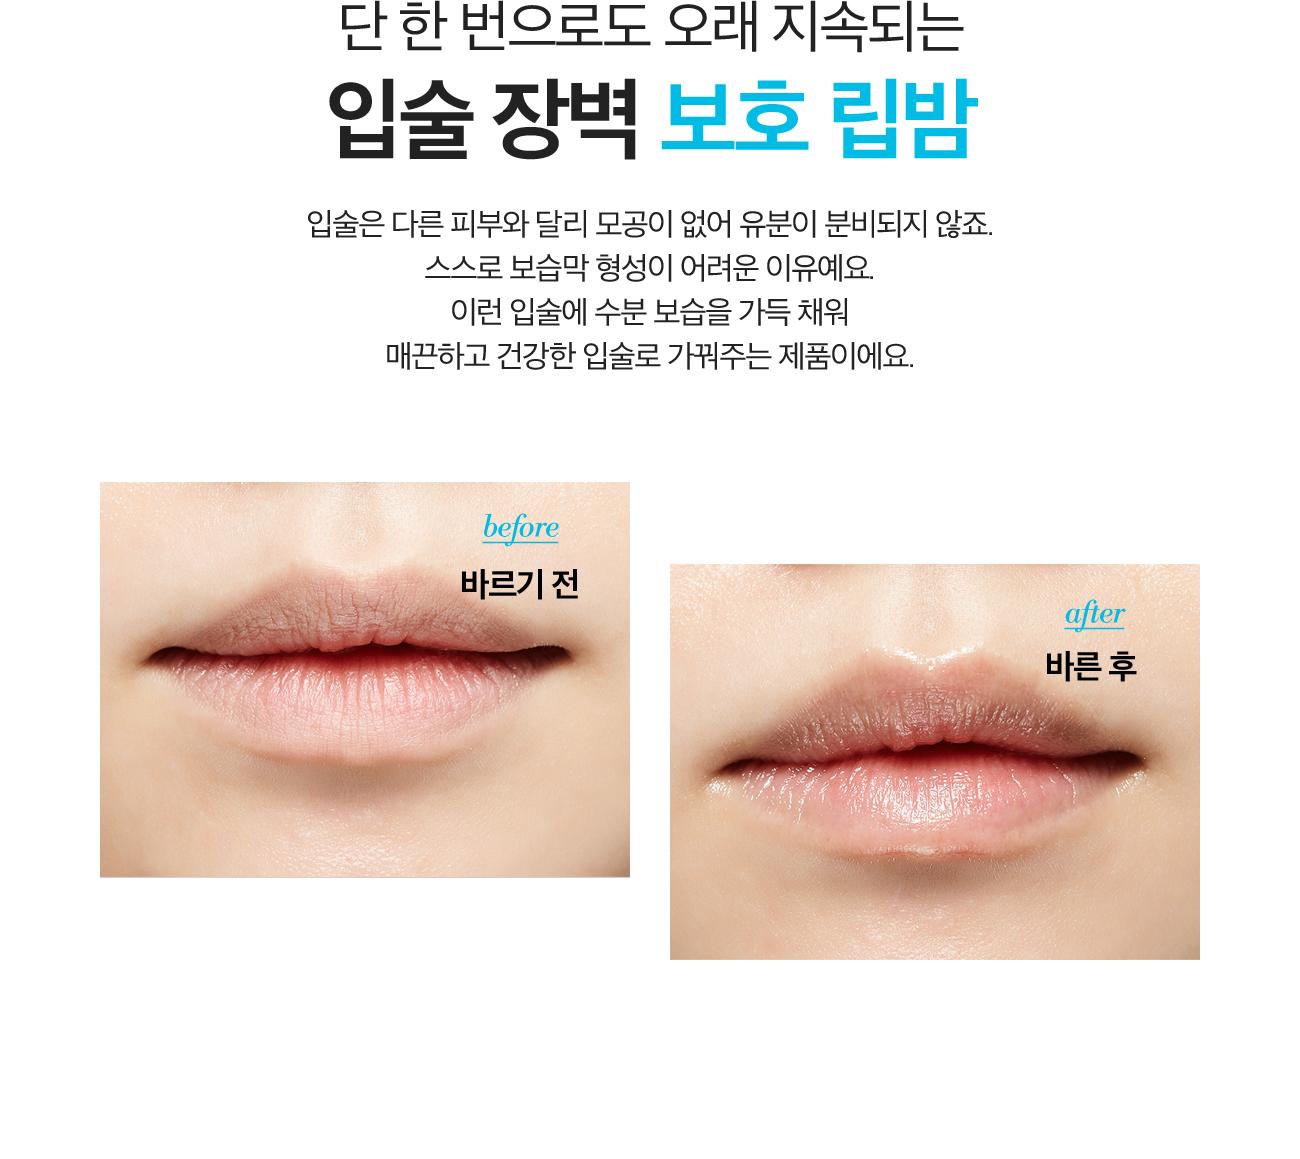 단 한 번으로도 오래 지속되는 입술 장벽 보호 립밤. 입술은 다른 피부와 달리 모공이 없어 유분이 분비되지 않죠. 스스로 보습막 형성이 어려운 이유예요. 이런 입술에 수분 보습을 가득 채워 매끈하고 건강한 입술로 가꿔주는 제품이에요.